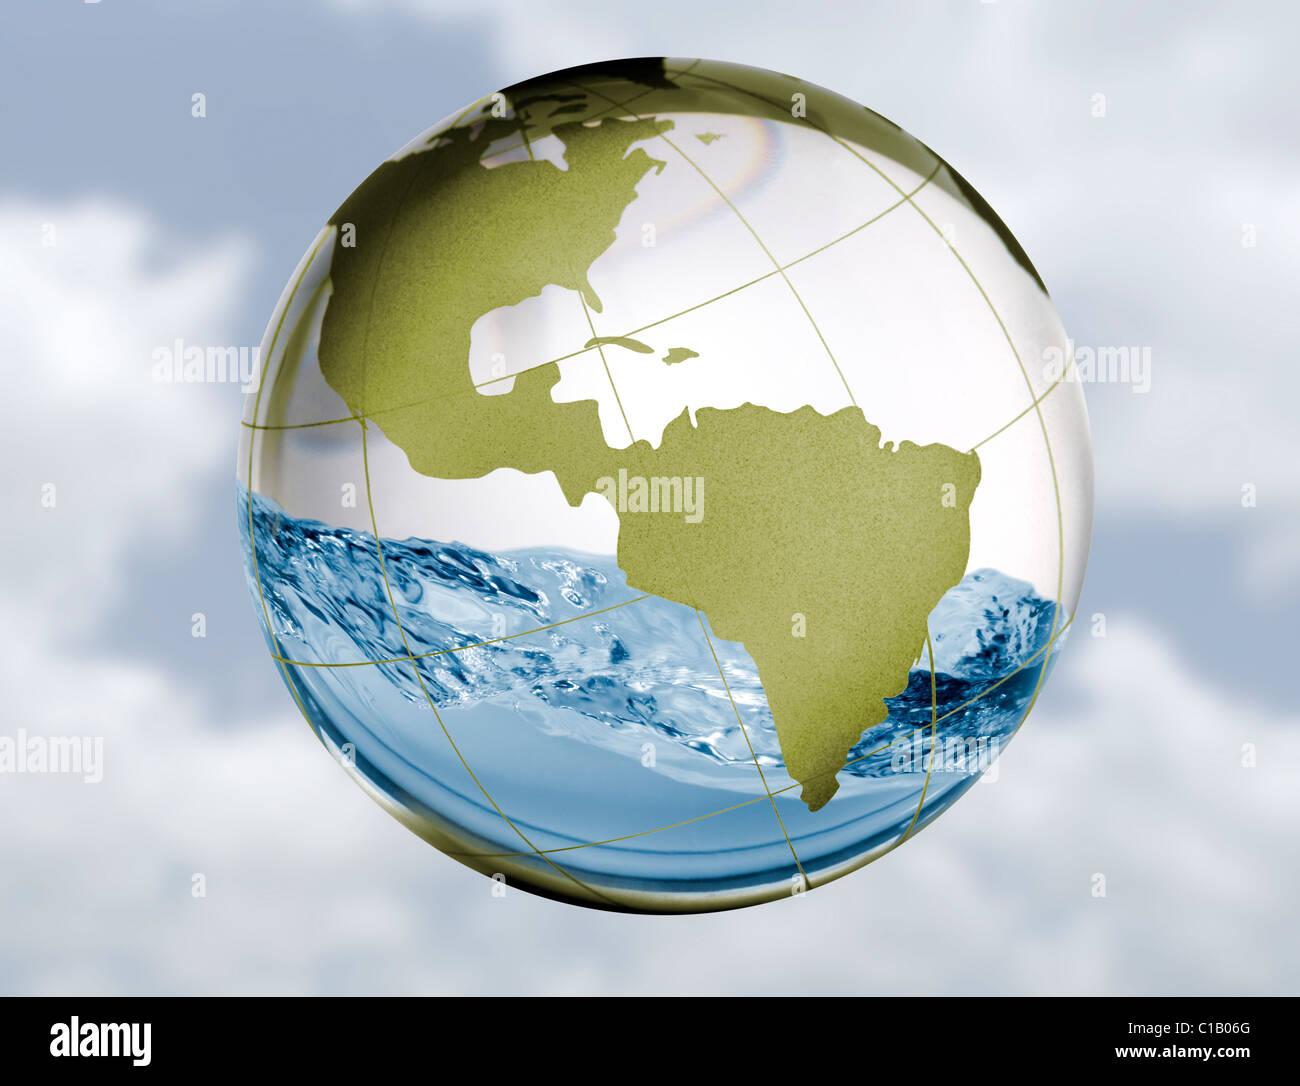 Eine Glaskugel mit Wasser schwappt herum im Inneren in ein Konzept-Image für Frischwasser Themen wie Energieversorgung, Stockbild